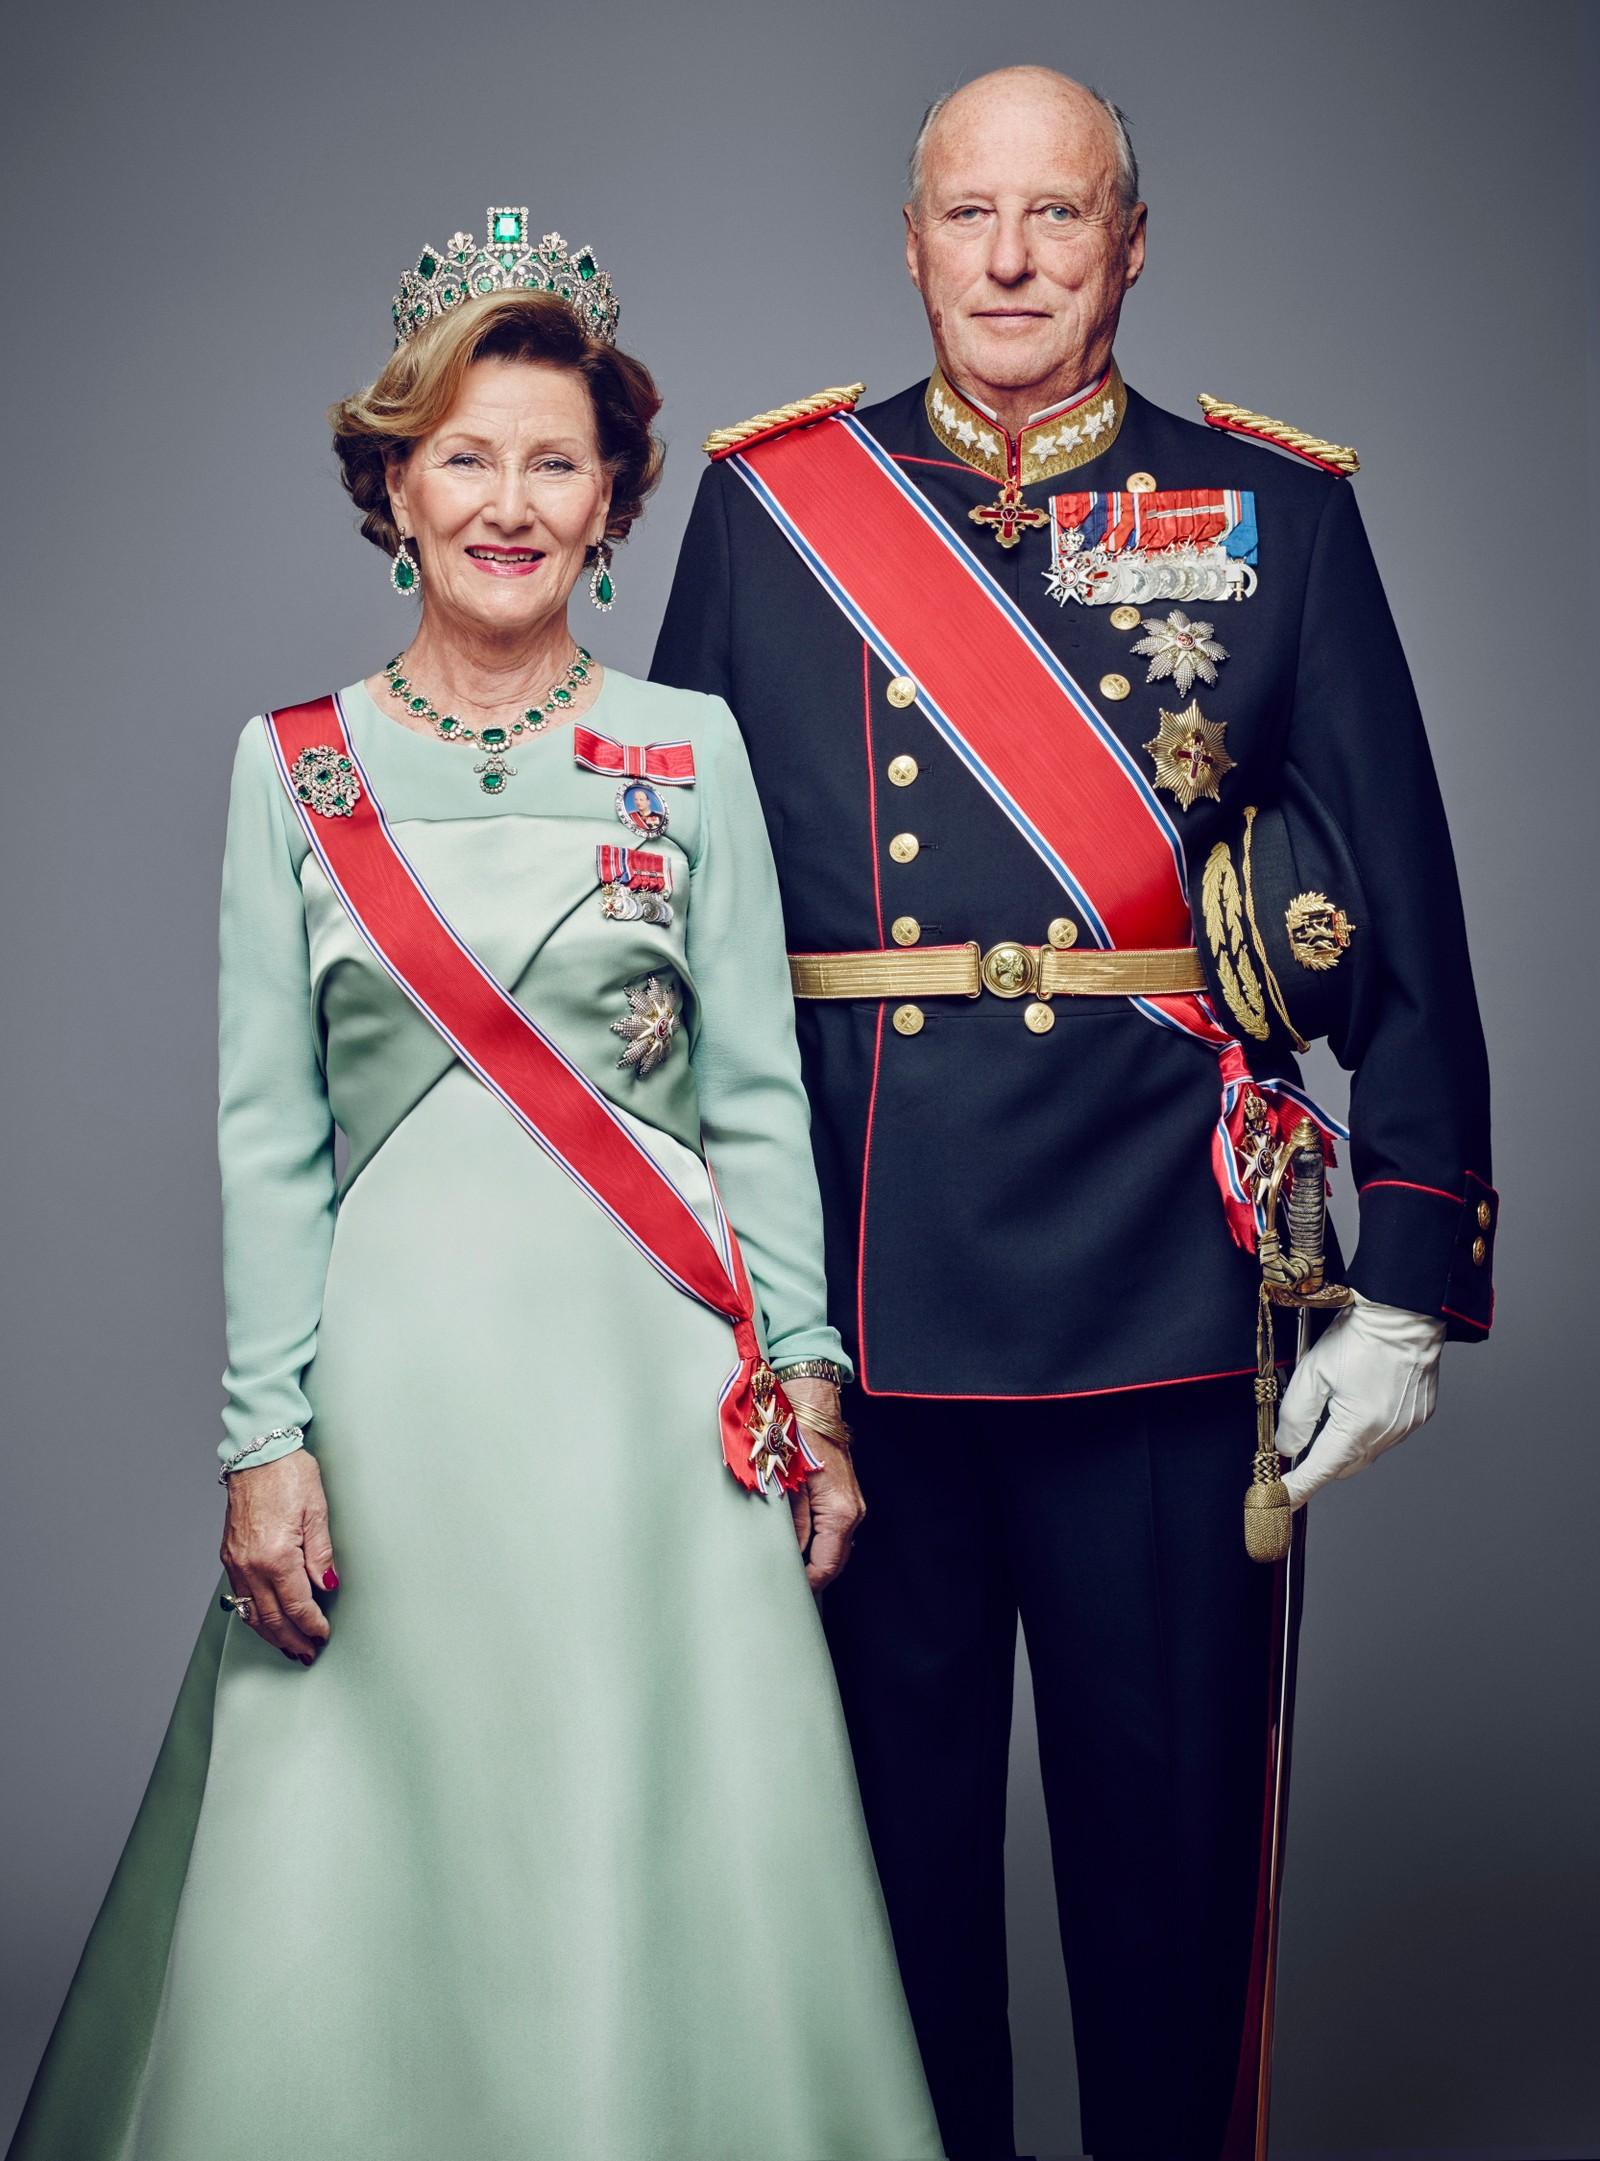 Dronning Sonja og kong Harald i galla. Bildet er et av flere offisielle bilder utgitt i forbindelse med kongeparets 25-årsjubileum.